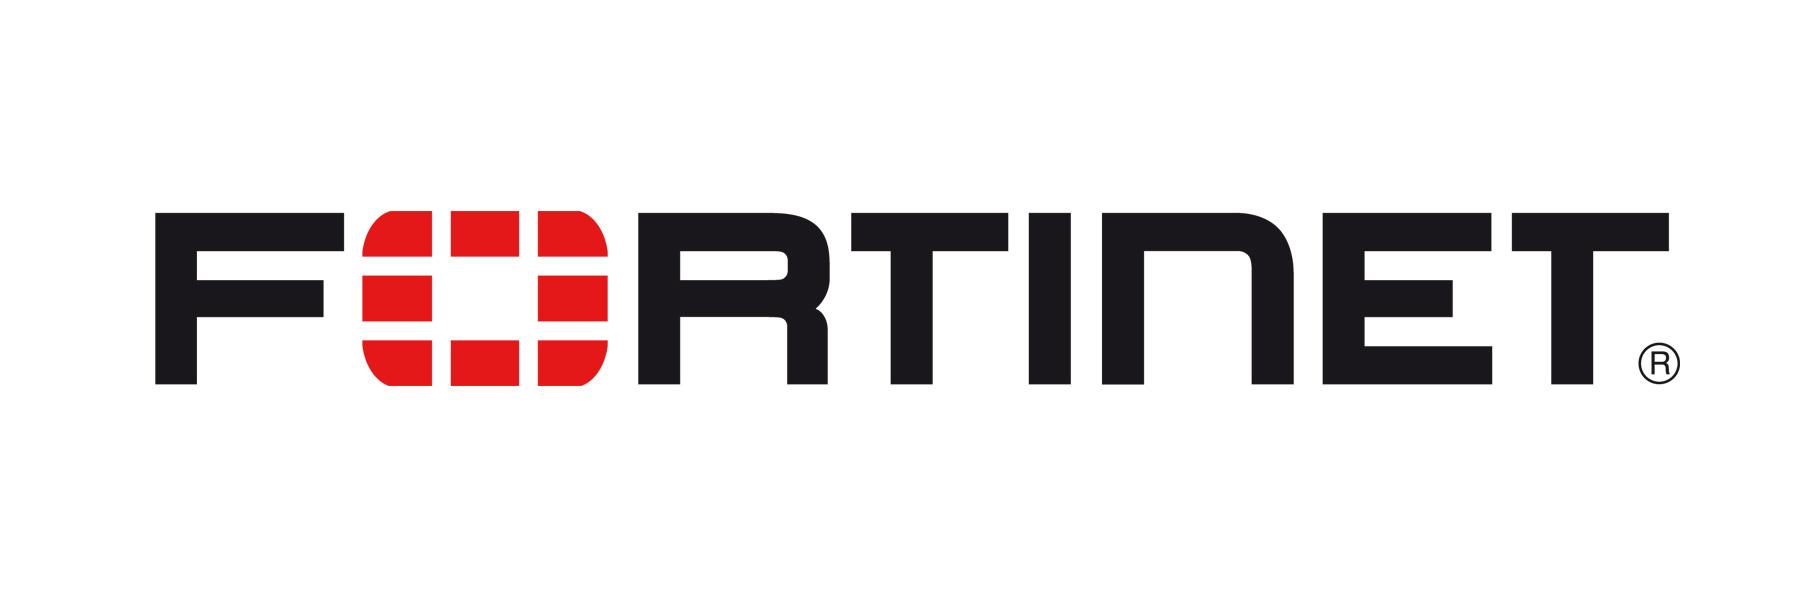 4net.ch – Dieses Video zeigt, wie die Fortinet Security Fabric Ihr Netzwerk effektiv schützt.